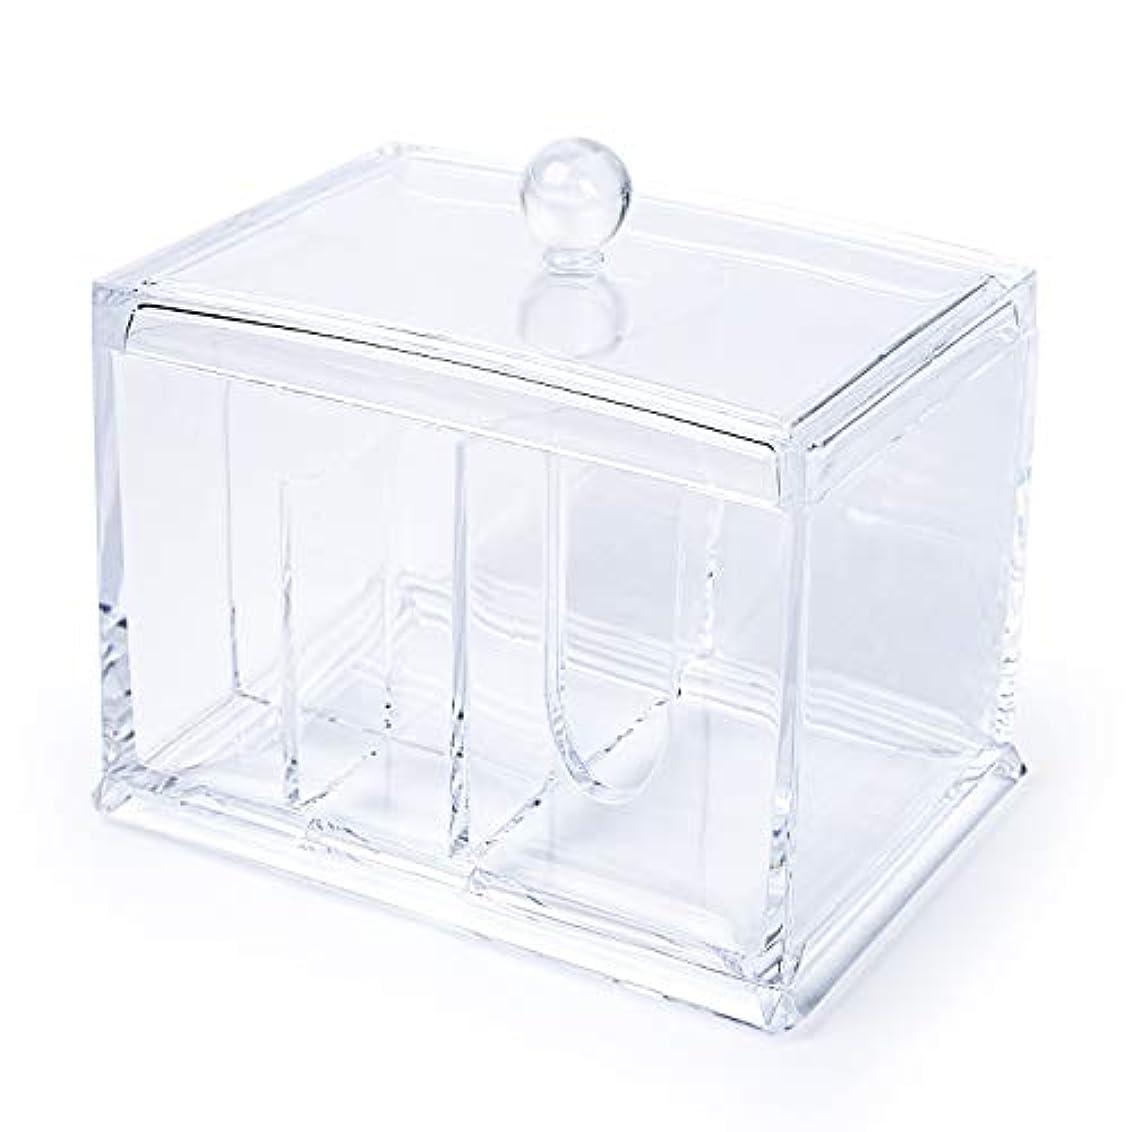 肉の校長蒸ELOKI 収納ボックス アクリルケース 収納ボックス 綿棒 小物?コスメ小物用品収納 ジュエリーボックス アクセサリー 透明 防塵?蓋付き アクリル製